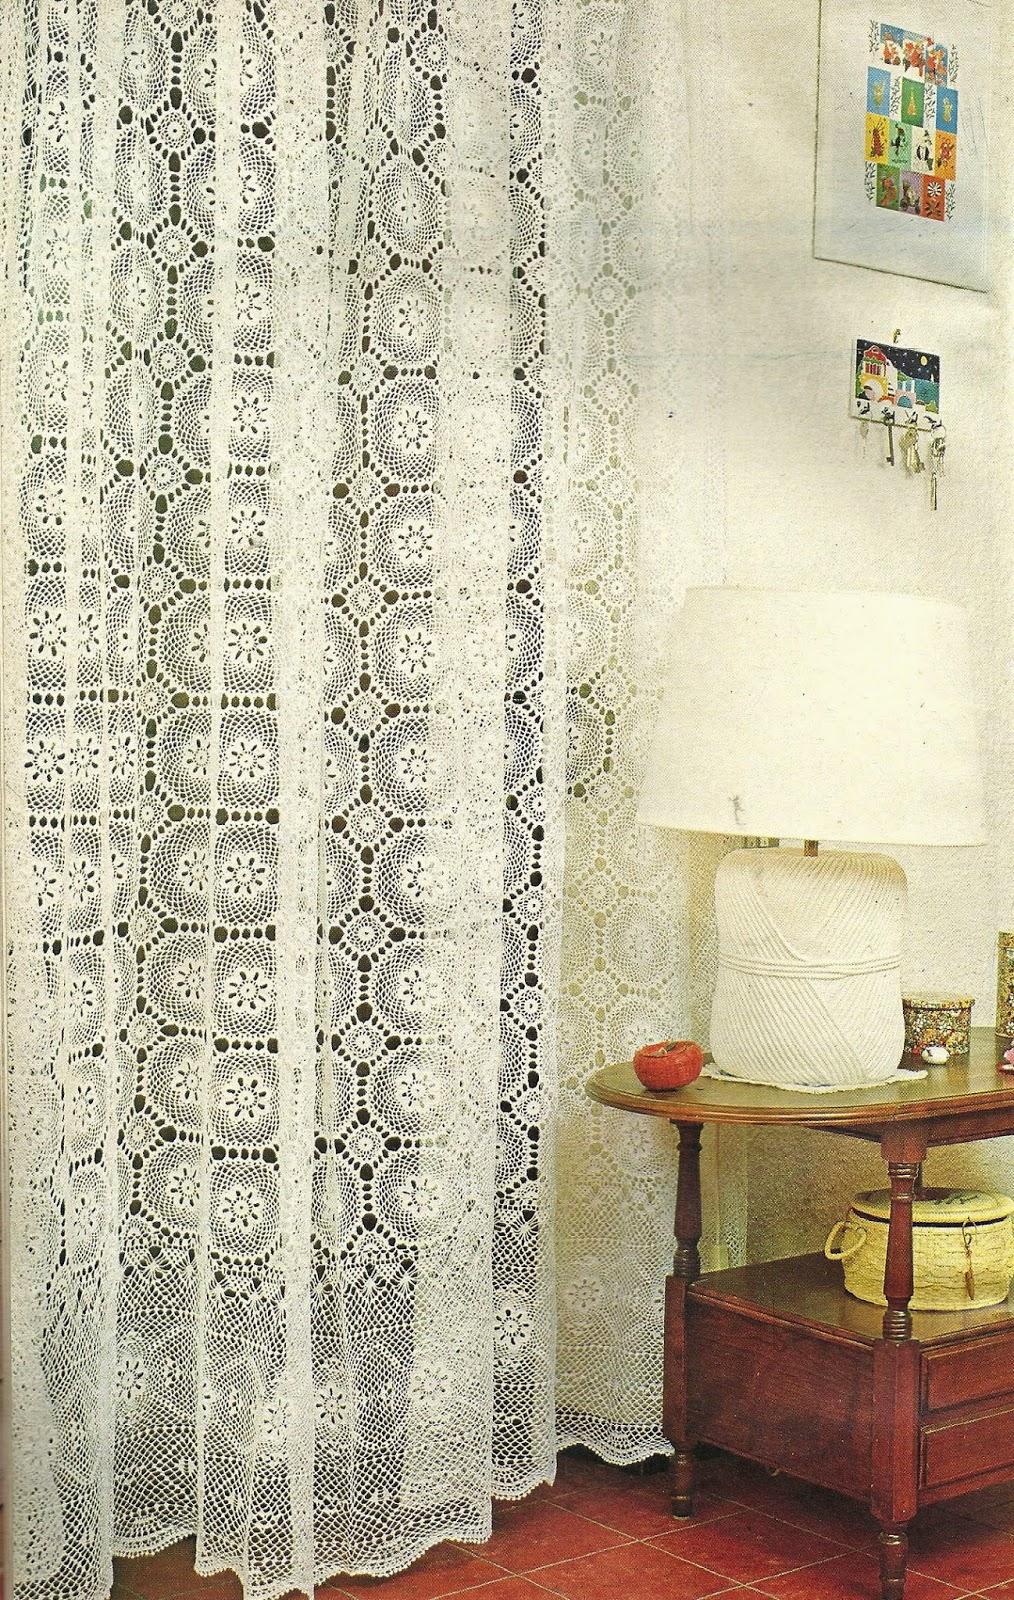 tejidos artesanales en crochet cortina con motivos de cenefa